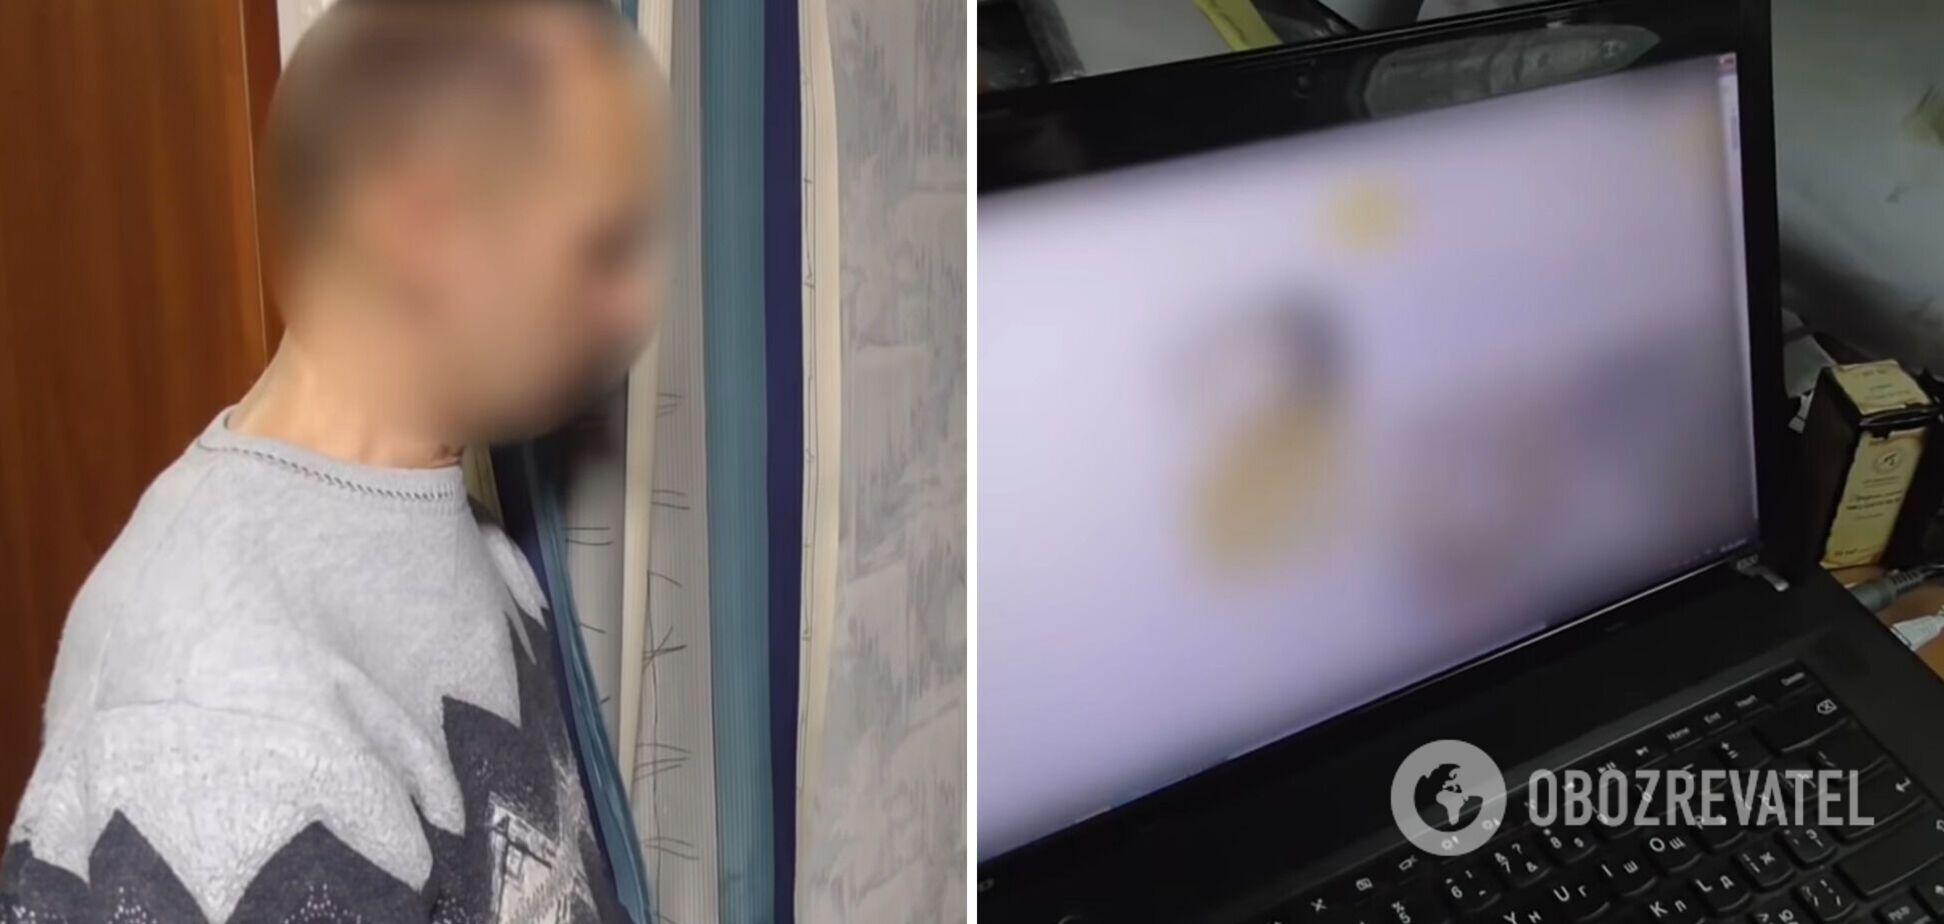 Мужчина развращал несовершеннолетних и торговал порноснимками